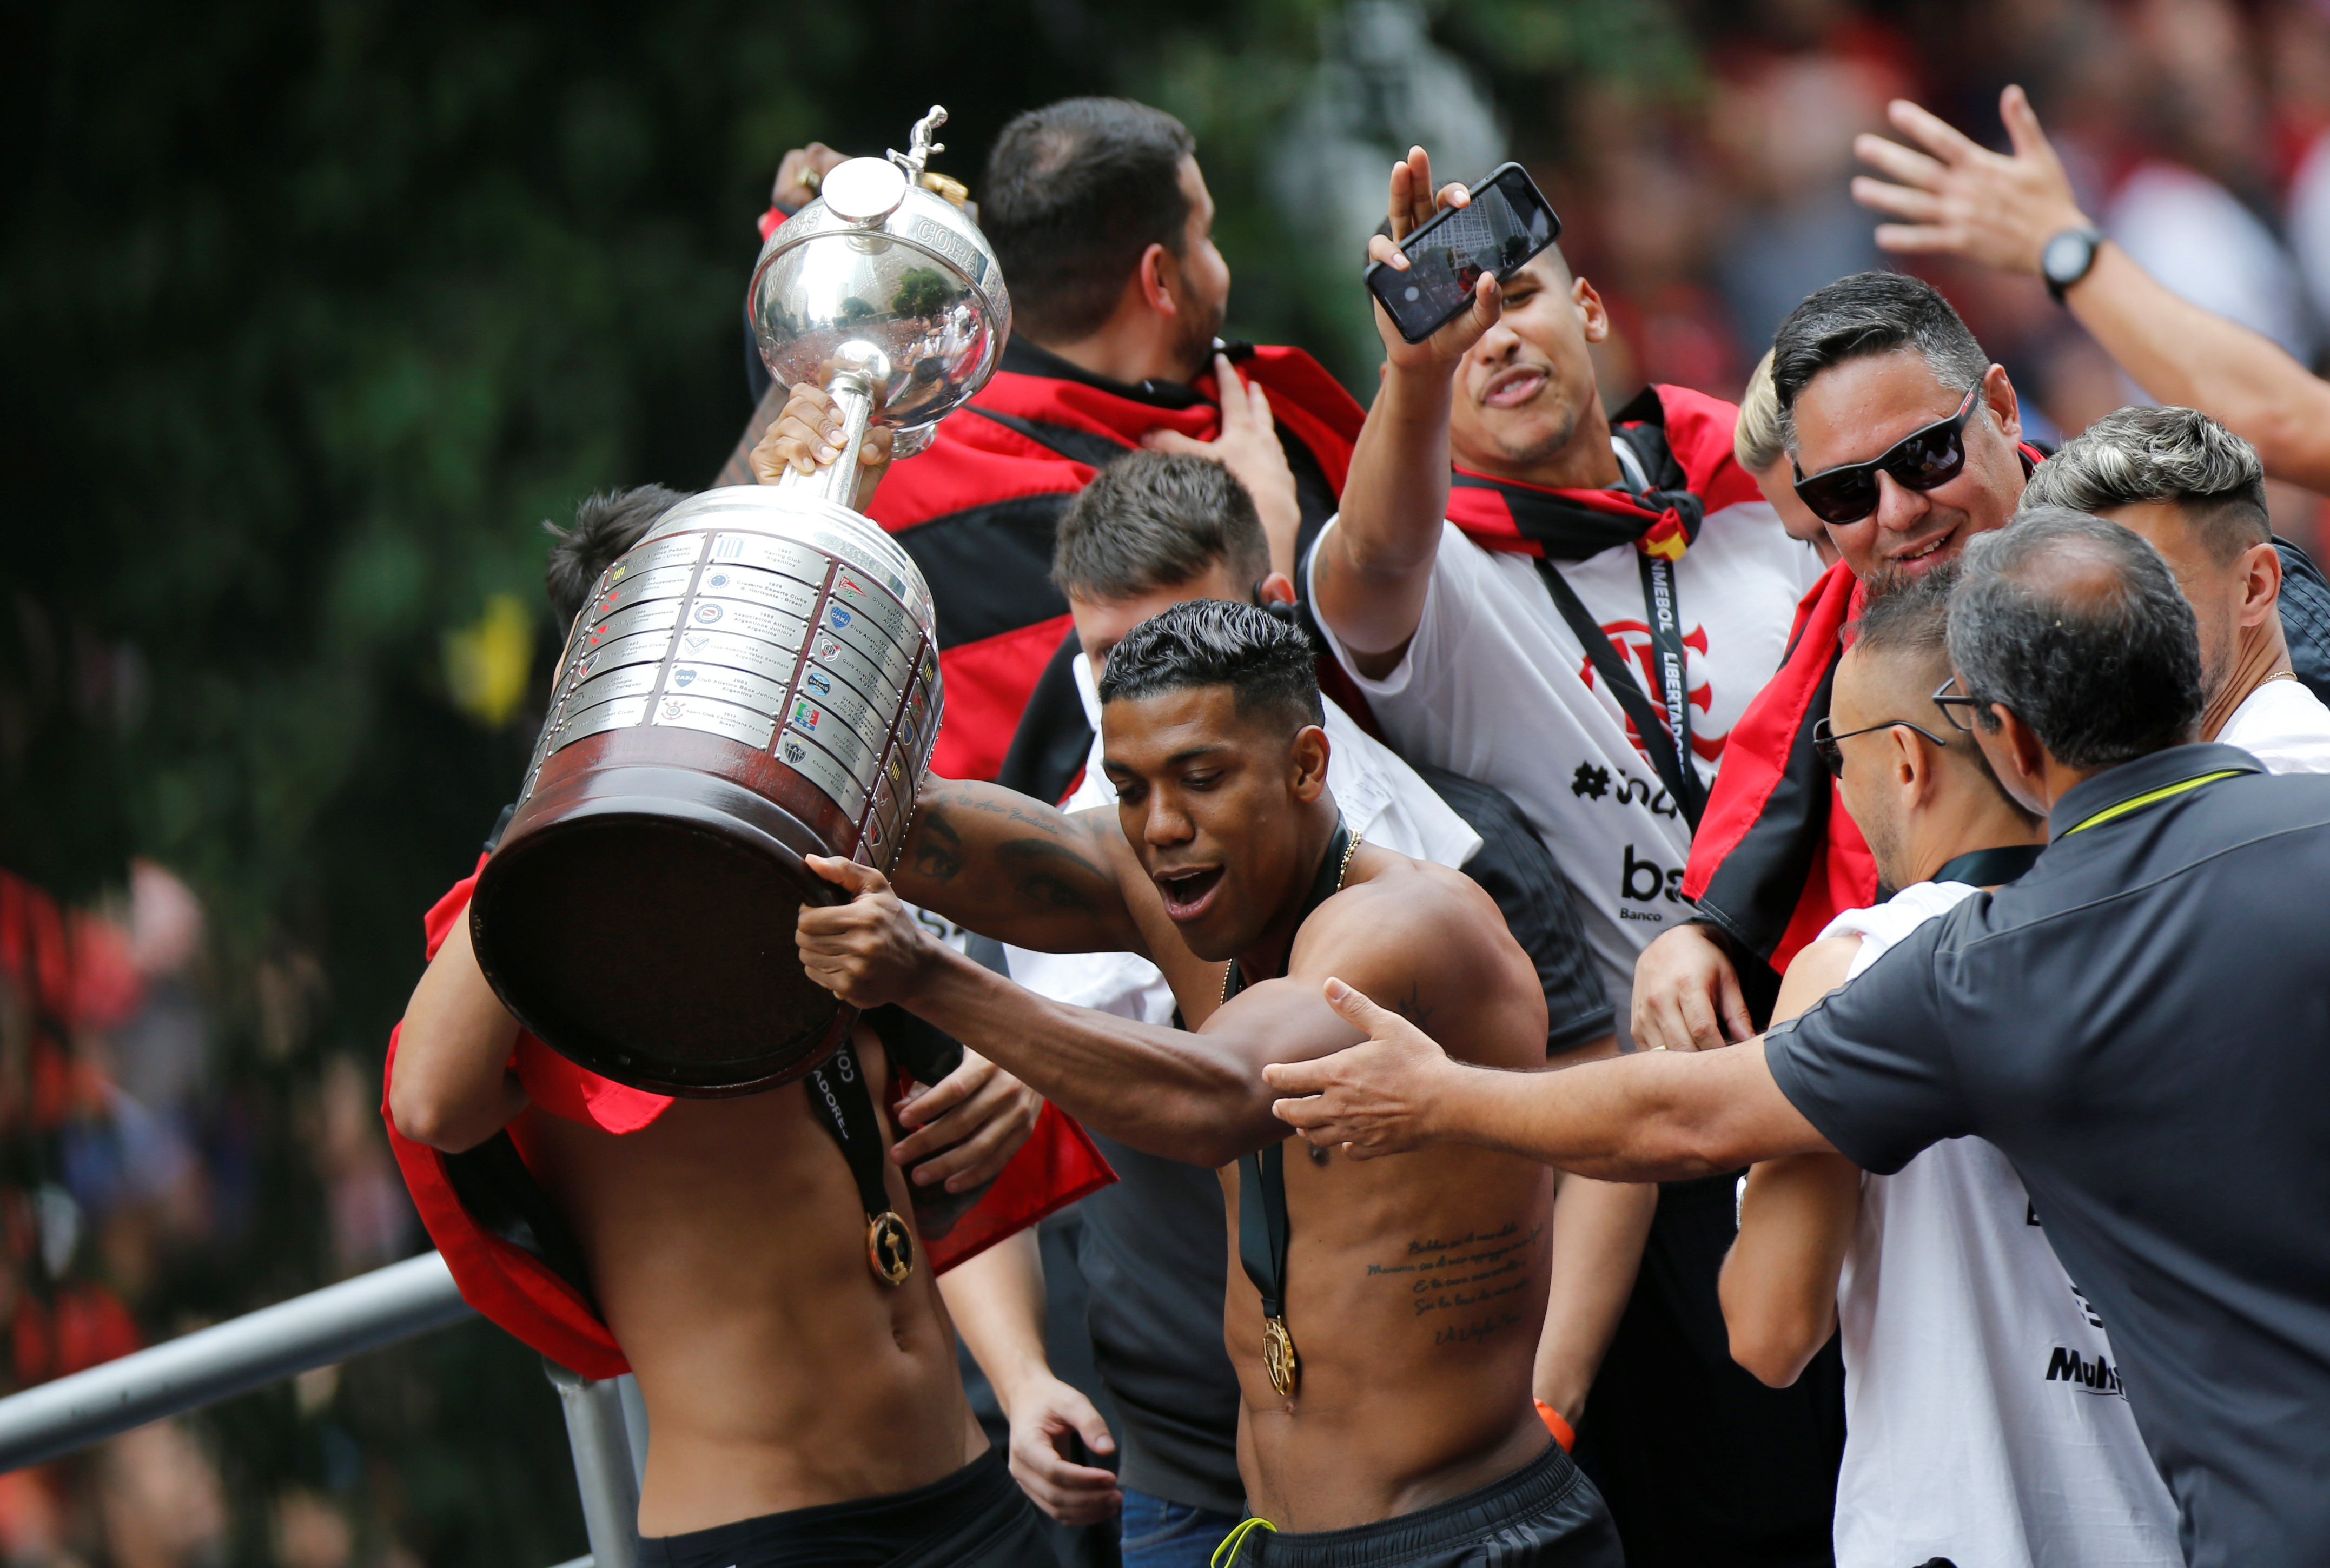 El equipo brasileño se impuso 2 a 1 ante River el sábado